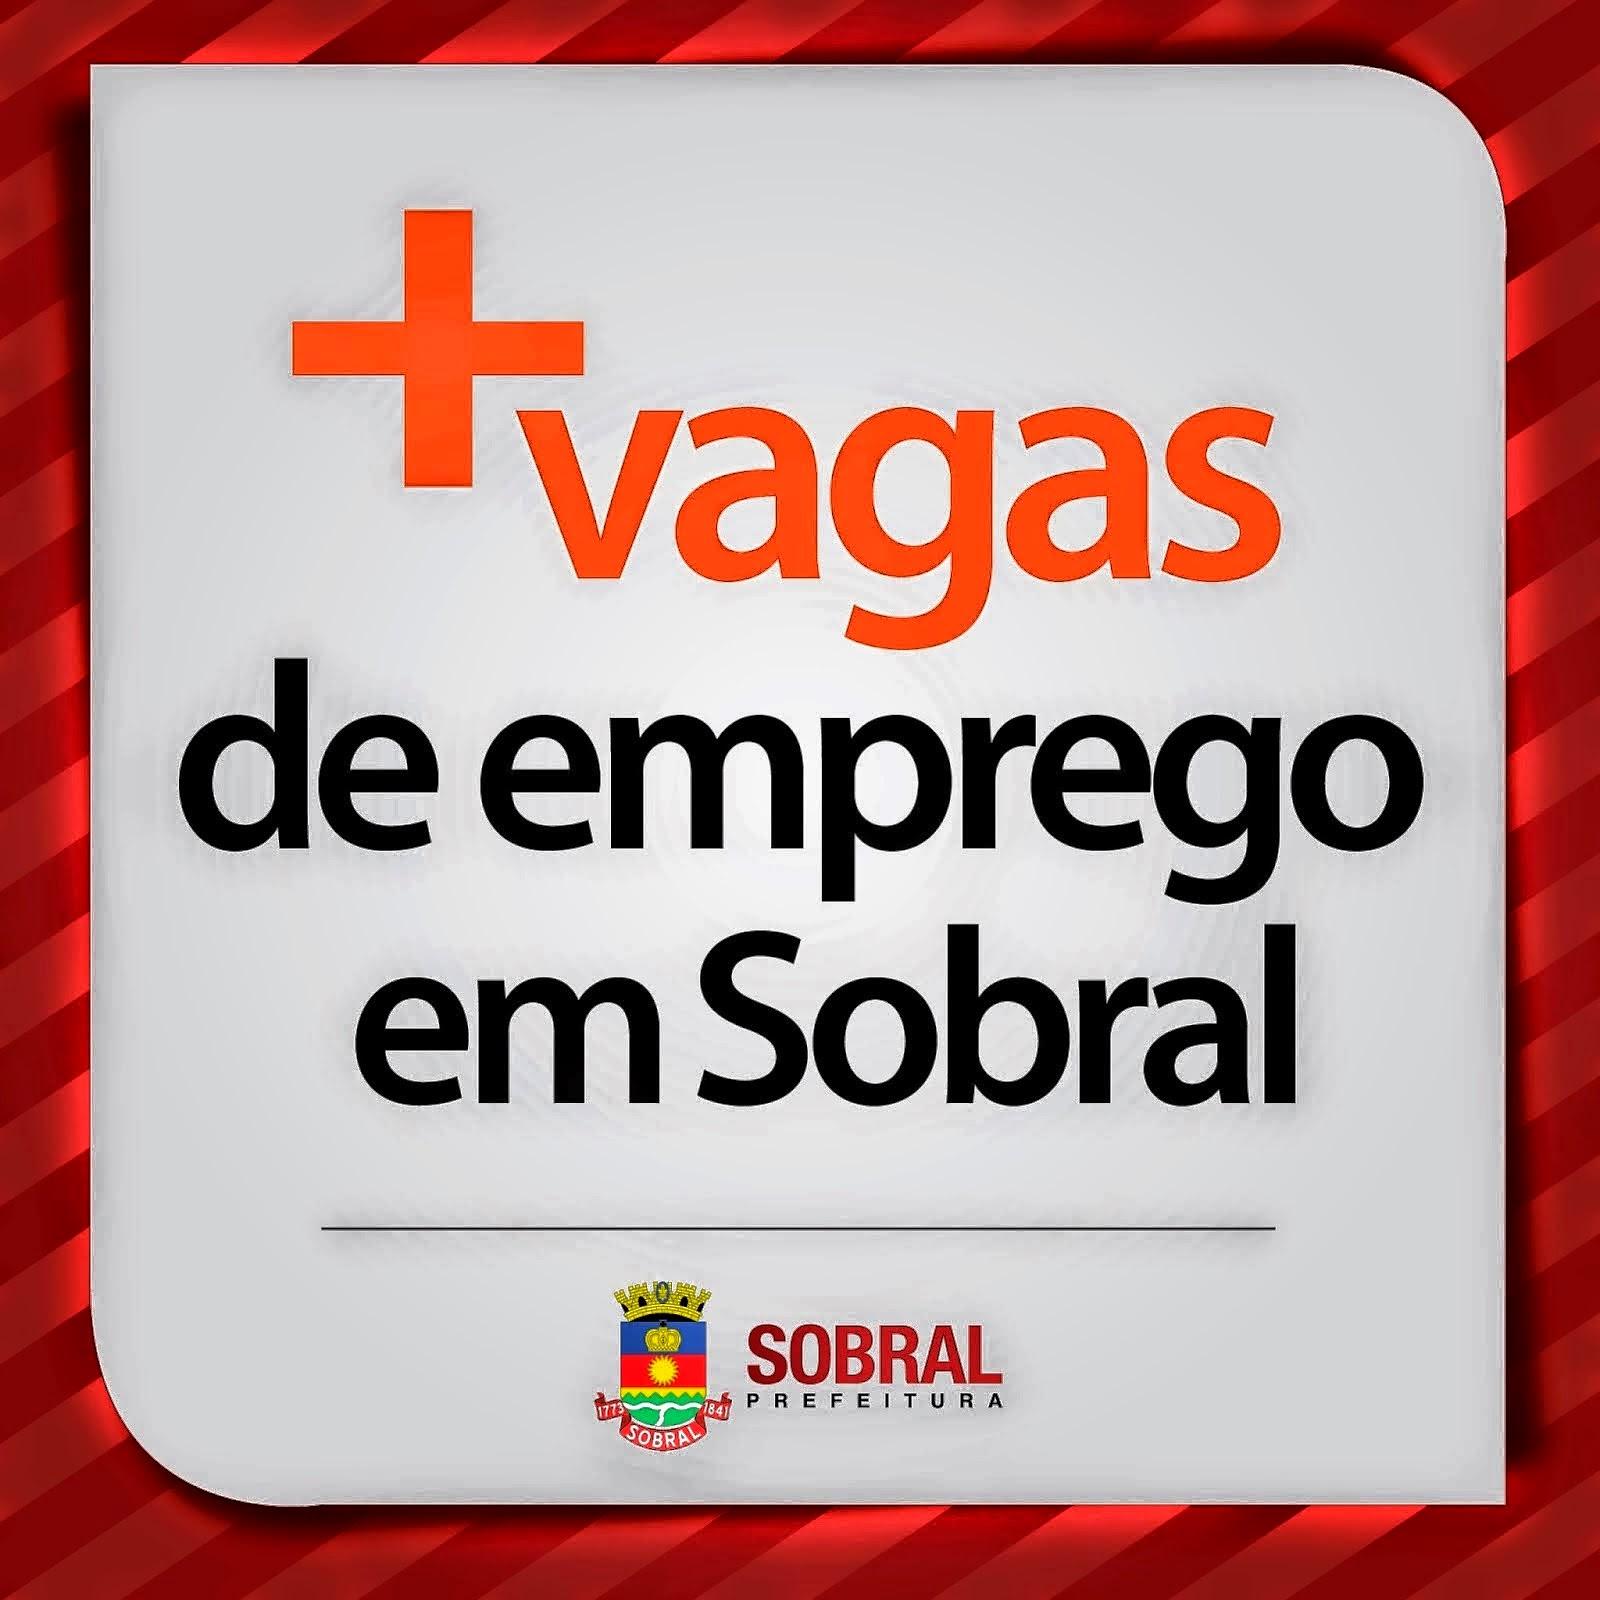 http://www.sobral.ce.gov.br/boletim/files/Sine-IDT/Vagas_de_Emprego_Sobral%2018-09.pdf